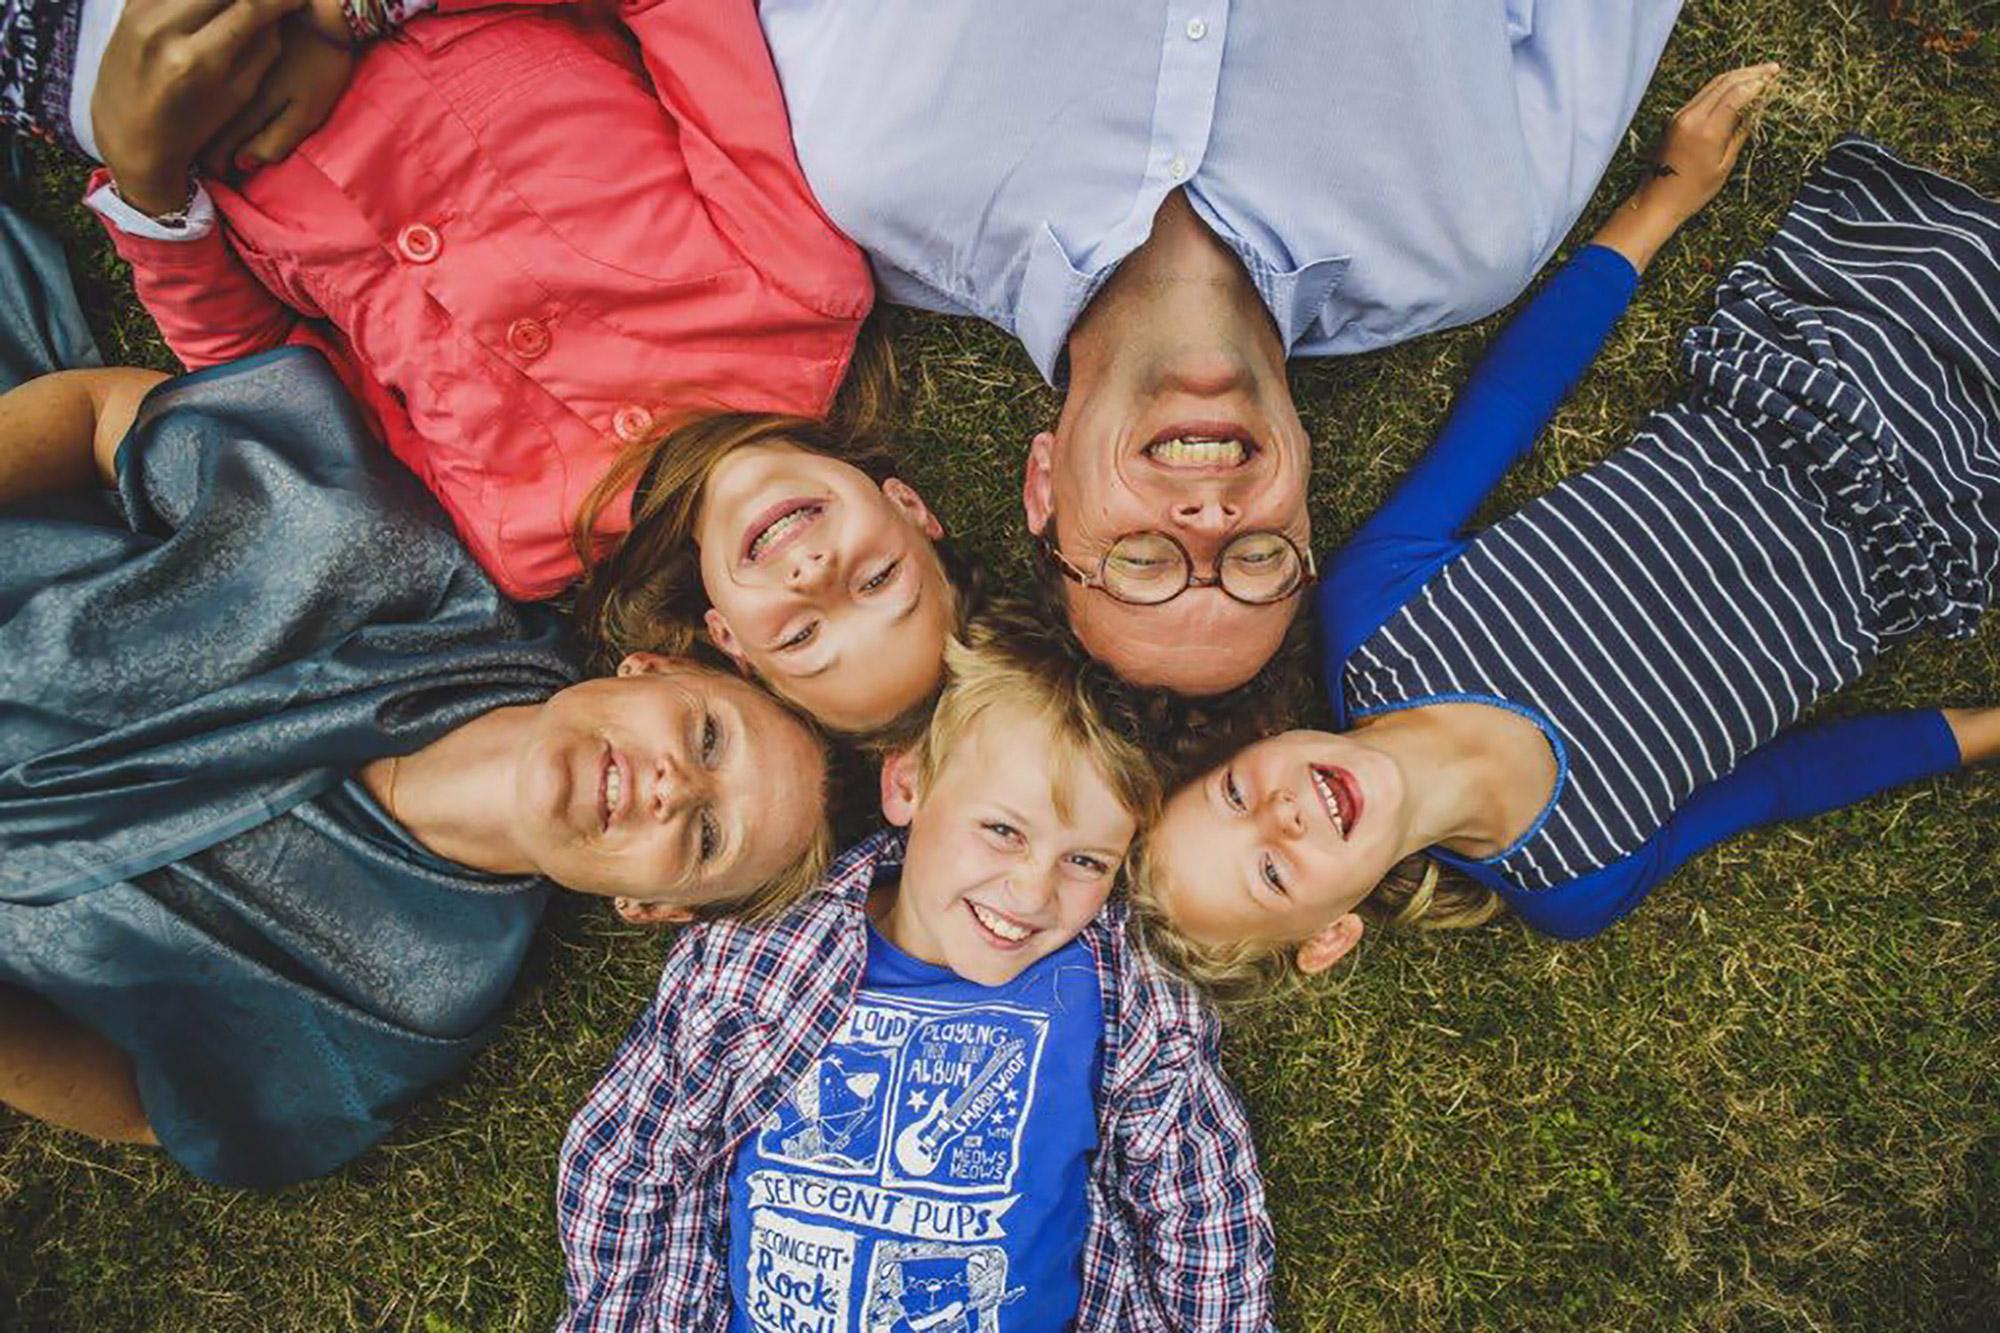 Photon de famille couché sur l'herbe en rond prise de haut